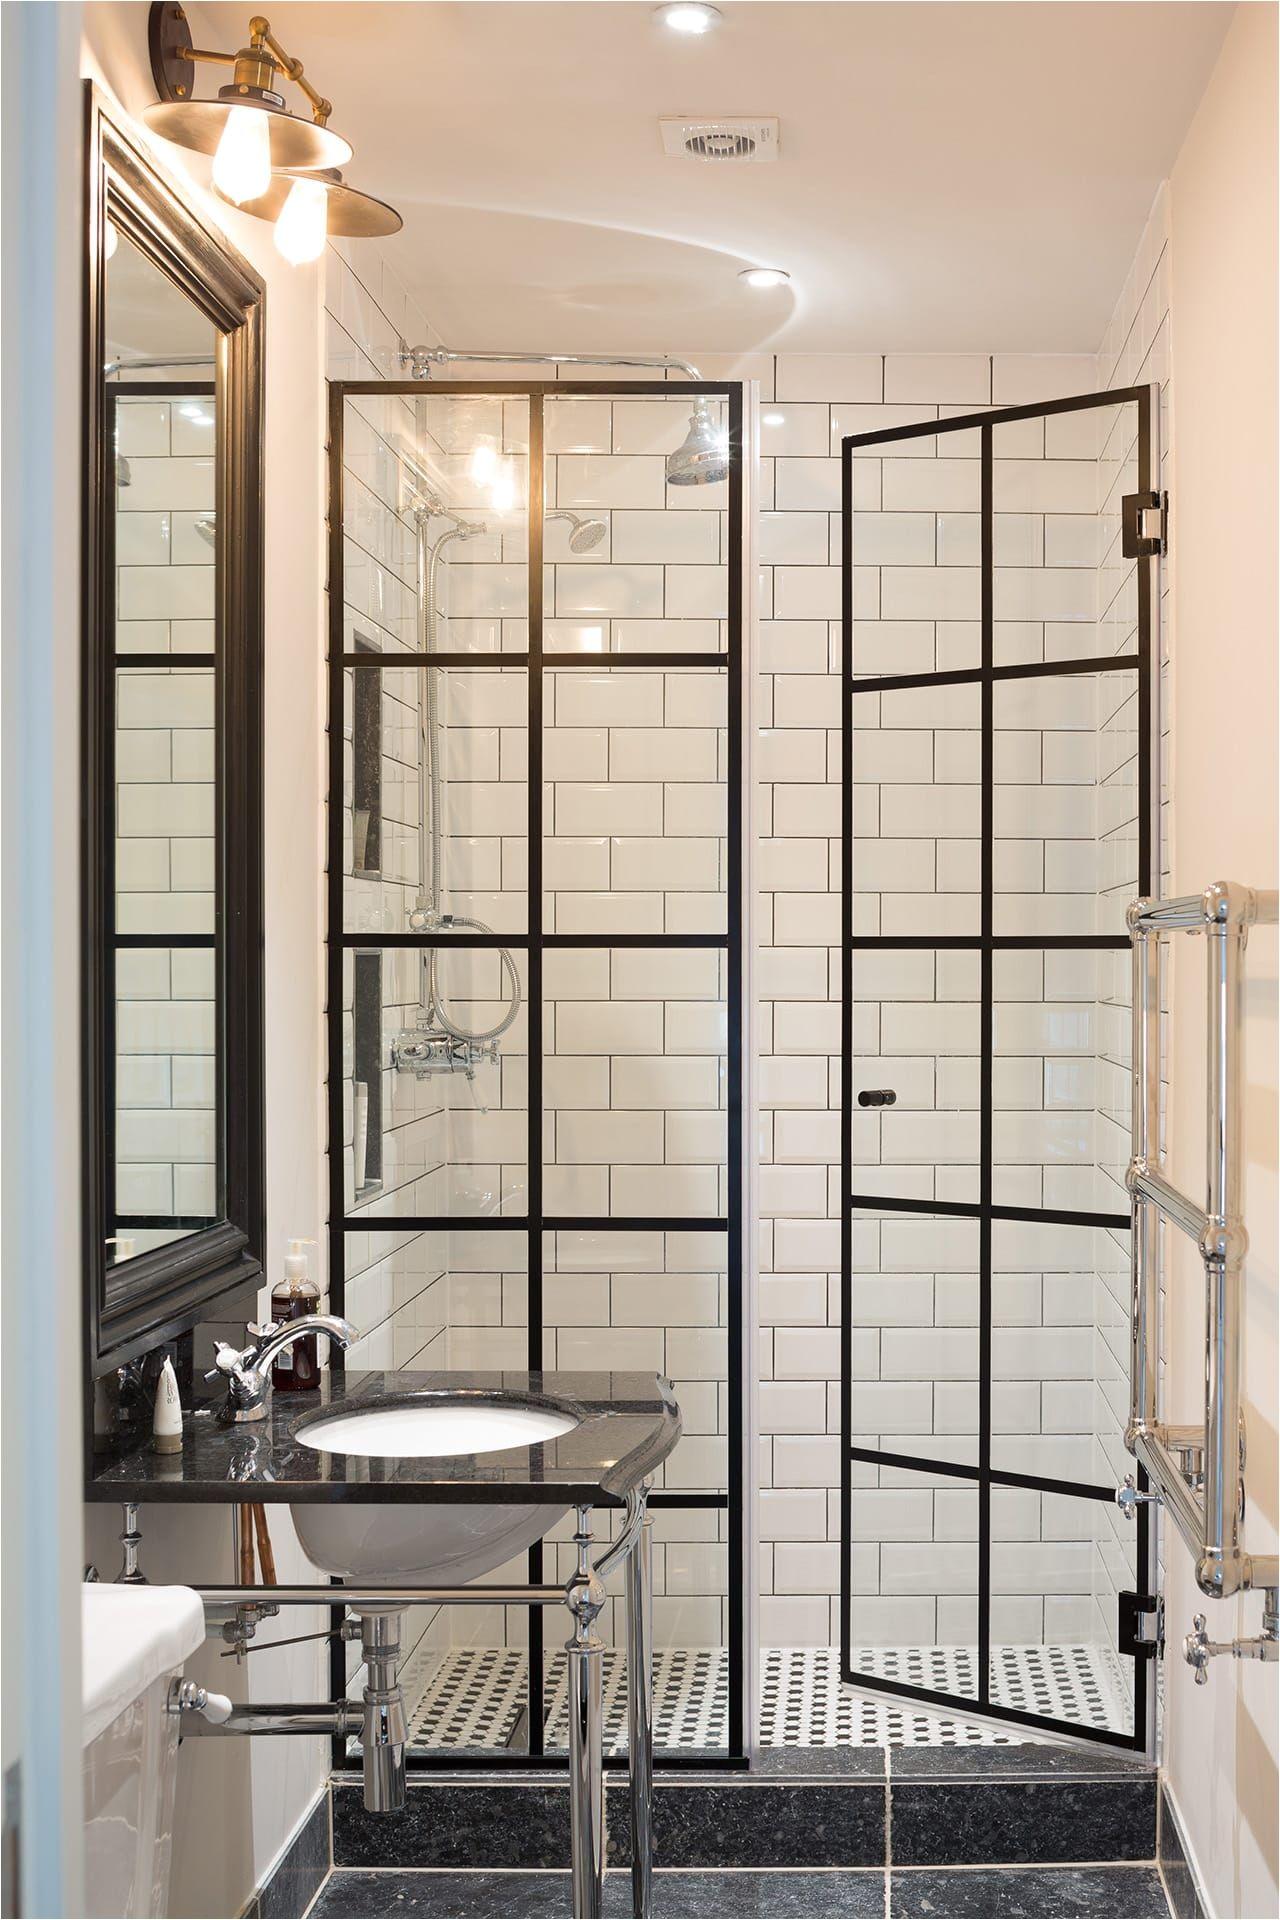 Window Pane Shower Door Take Standard Shower Doors And Add Lead